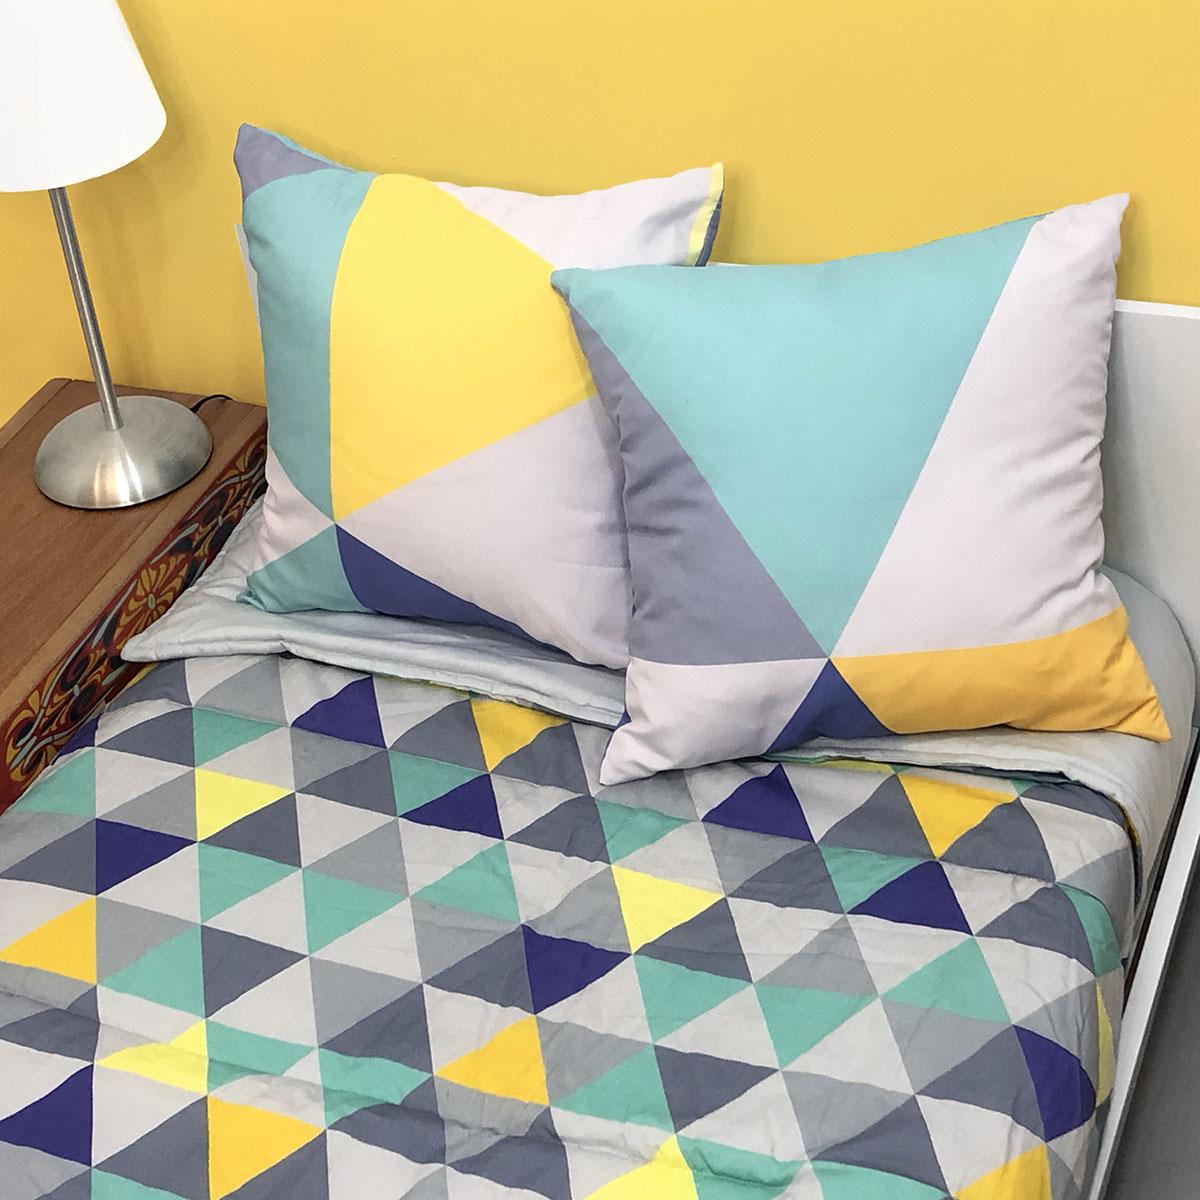 Edredom Triângulos Cinza, Amarelo, Marinho E Turquesa